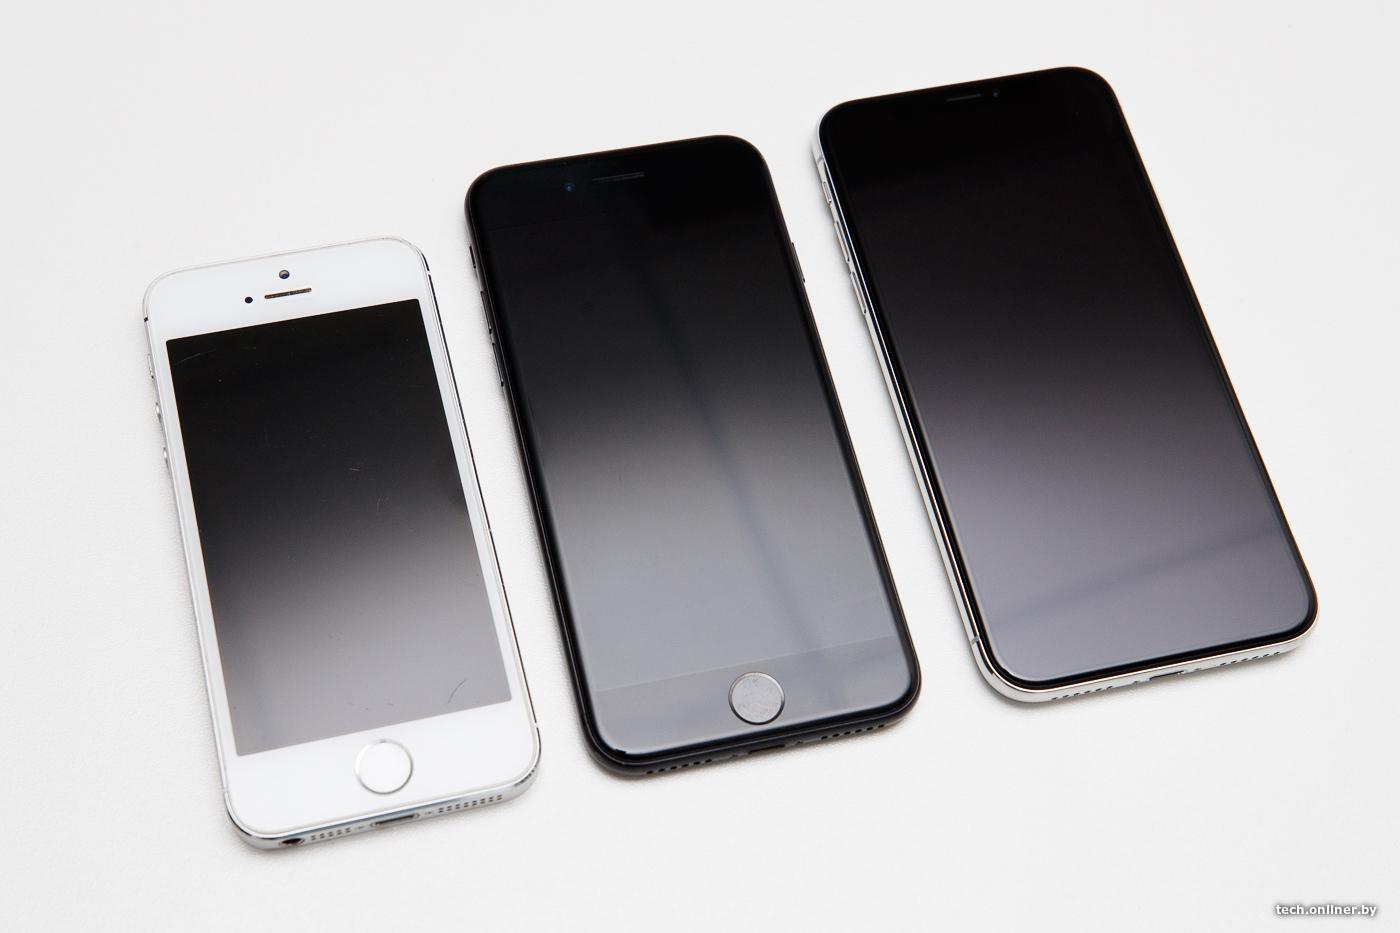 cdf77a346405 Первое, что нужно знать об iPhone X, — он, как и другие продукты Apple, в  реальности выглядит намного лучше, чем на изображениях.